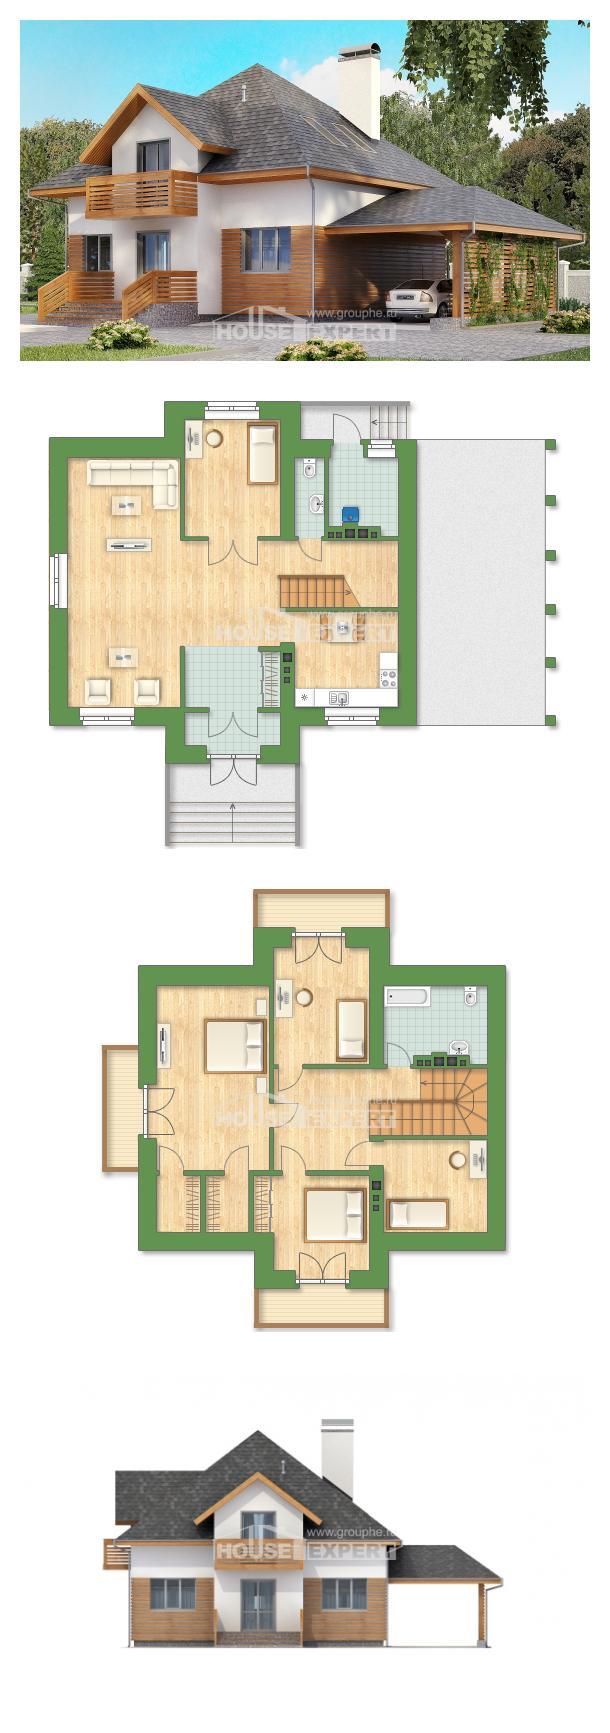 Проект на къща 155-004-R   House Expert